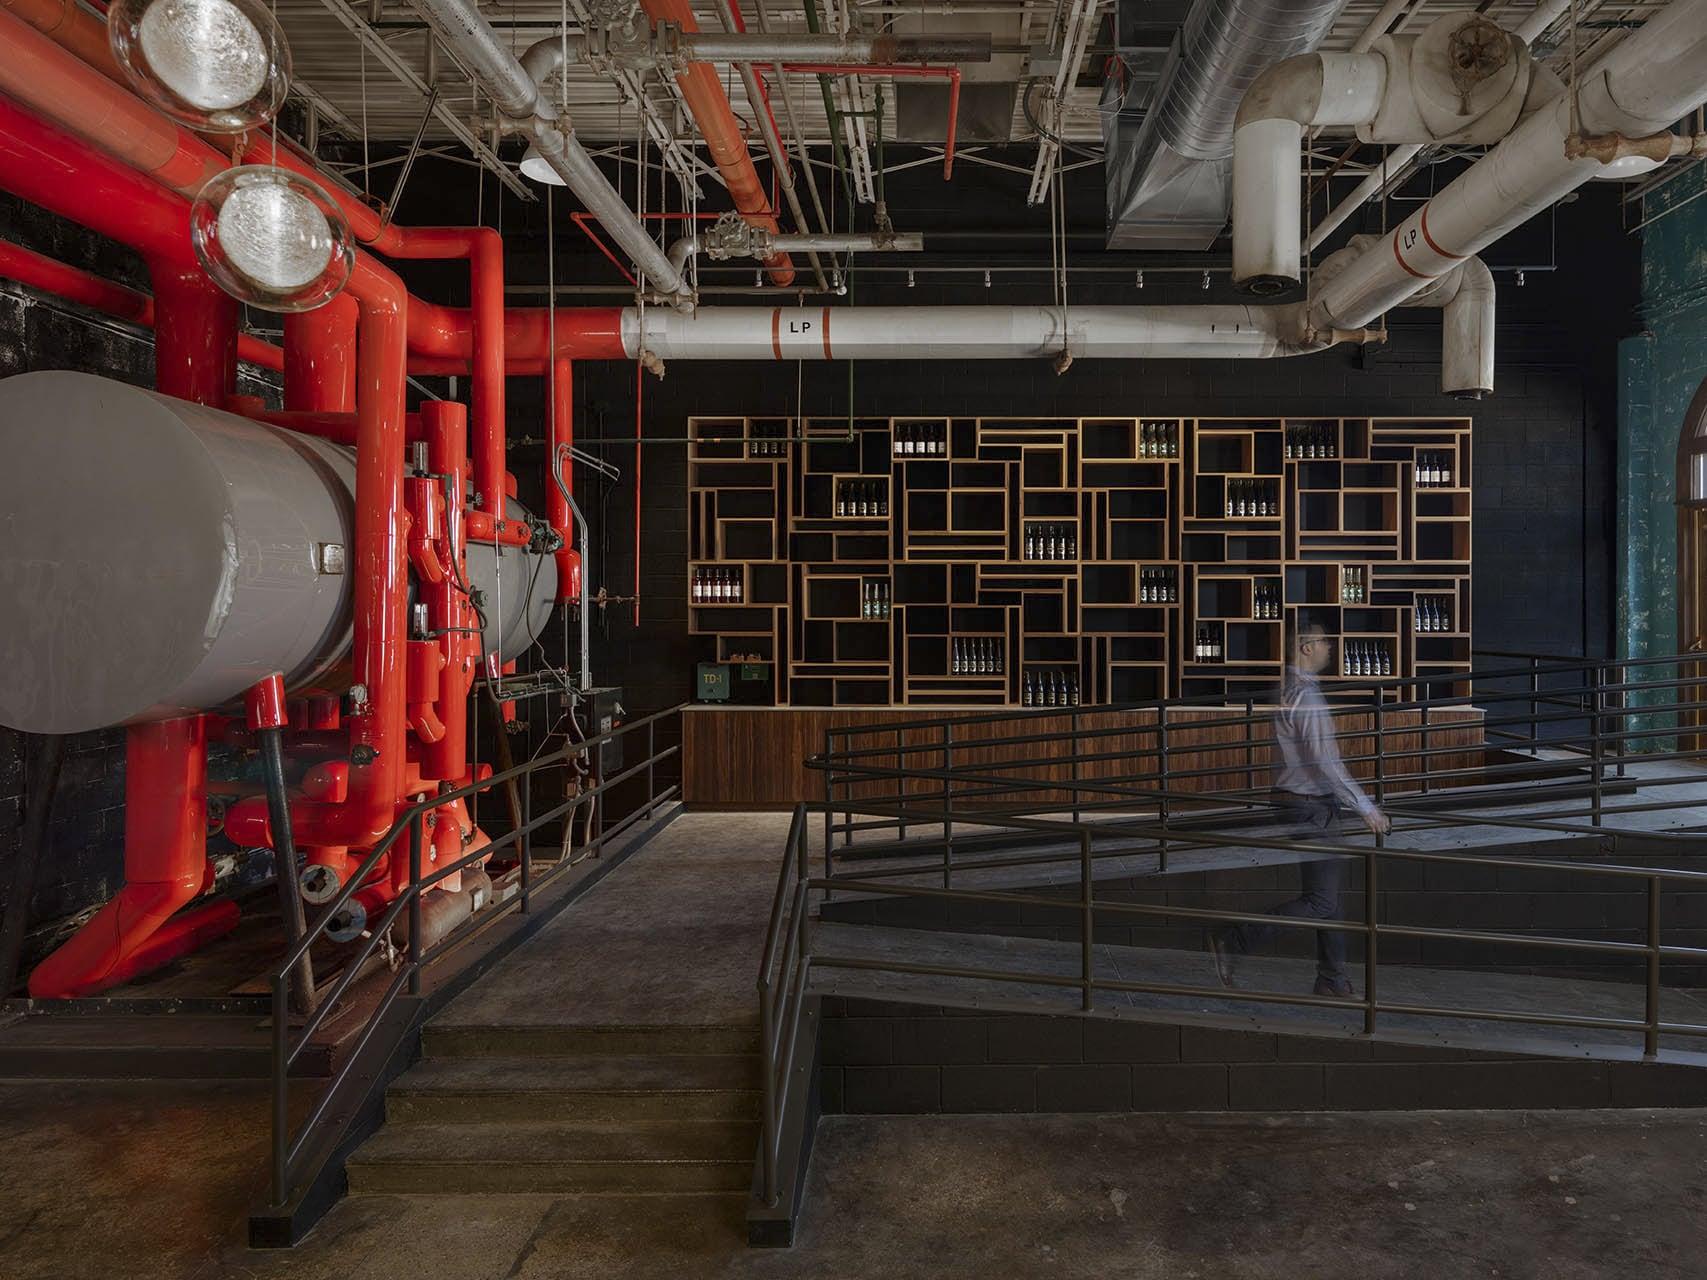 Nhà xưởng tại thành phố Detroit